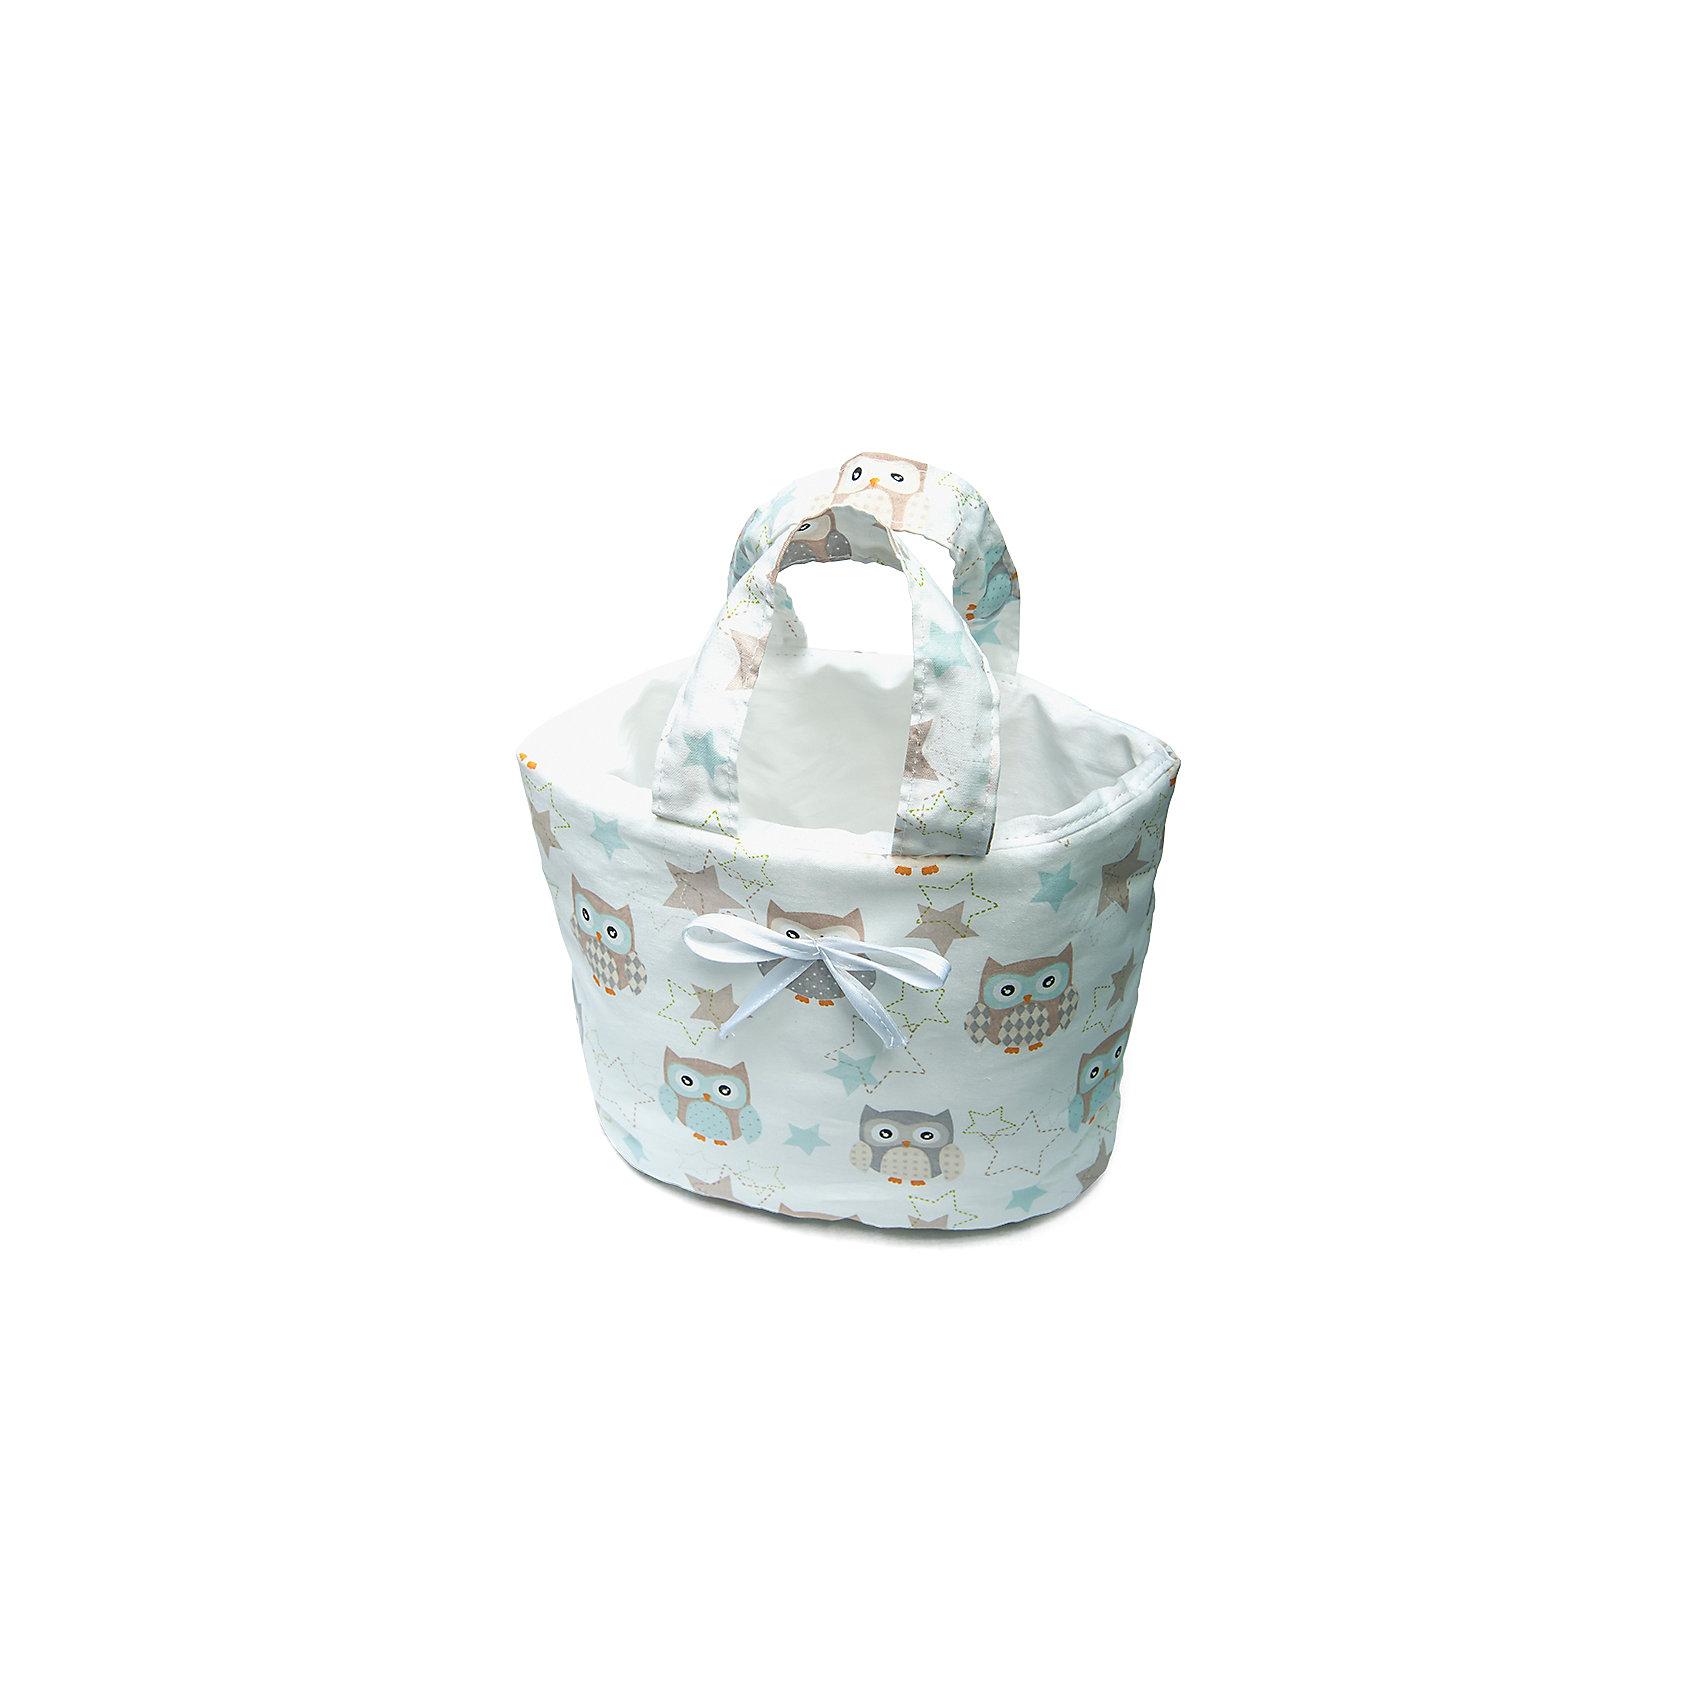 Сумка Софушки, Сонный гномикСумка Совушки, Сонный гномик – стильный аксессуар для хранения предметов первой необходимости при уходе за малышом. Такая сумка-органайзер идеально дополнит интерьер, выполненный в фирменном стиле с забавными совятами. Сумка выполнена из 100% хлопка, в качестве наполнителя использован синтепон, который придает сумке форму и объем, имеются две широкие ручки. Размеры изделия 27*18 см. <br><br>Дополнительная информация:<br><br>- Предназначение: для хранения мелочей<br>- Материал: бязь, синтепон<br>- Пол: для девочки/для мальчика<br>- Цвет: бежевый<br>- Размеры упаковки (Д*Ш*В): 27*1*18 см<br>- Вес: 100 г<br>- Особенности ухода: разрешается стирка при температуре не более 40 градусов<br><br>Подробнее:<br><br>• Для детей в возрасте от 0 месяцев и до 4 лет<br>• Страна производитель: Россия<br>• Торговый бренд: Сонный гномик<br><br>Сумку Совушки, Сонный гномик, можно купить в нашем интернет-магазине.<br><br>Ширина мм: 270<br>Глубина мм: 10<br>Высота мм: 180<br>Вес г: 100<br>Возраст от месяцев: 0<br>Возраст до месяцев: 48<br>Пол: Женский<br>Возраст: Детский<br>SKU: 4922782